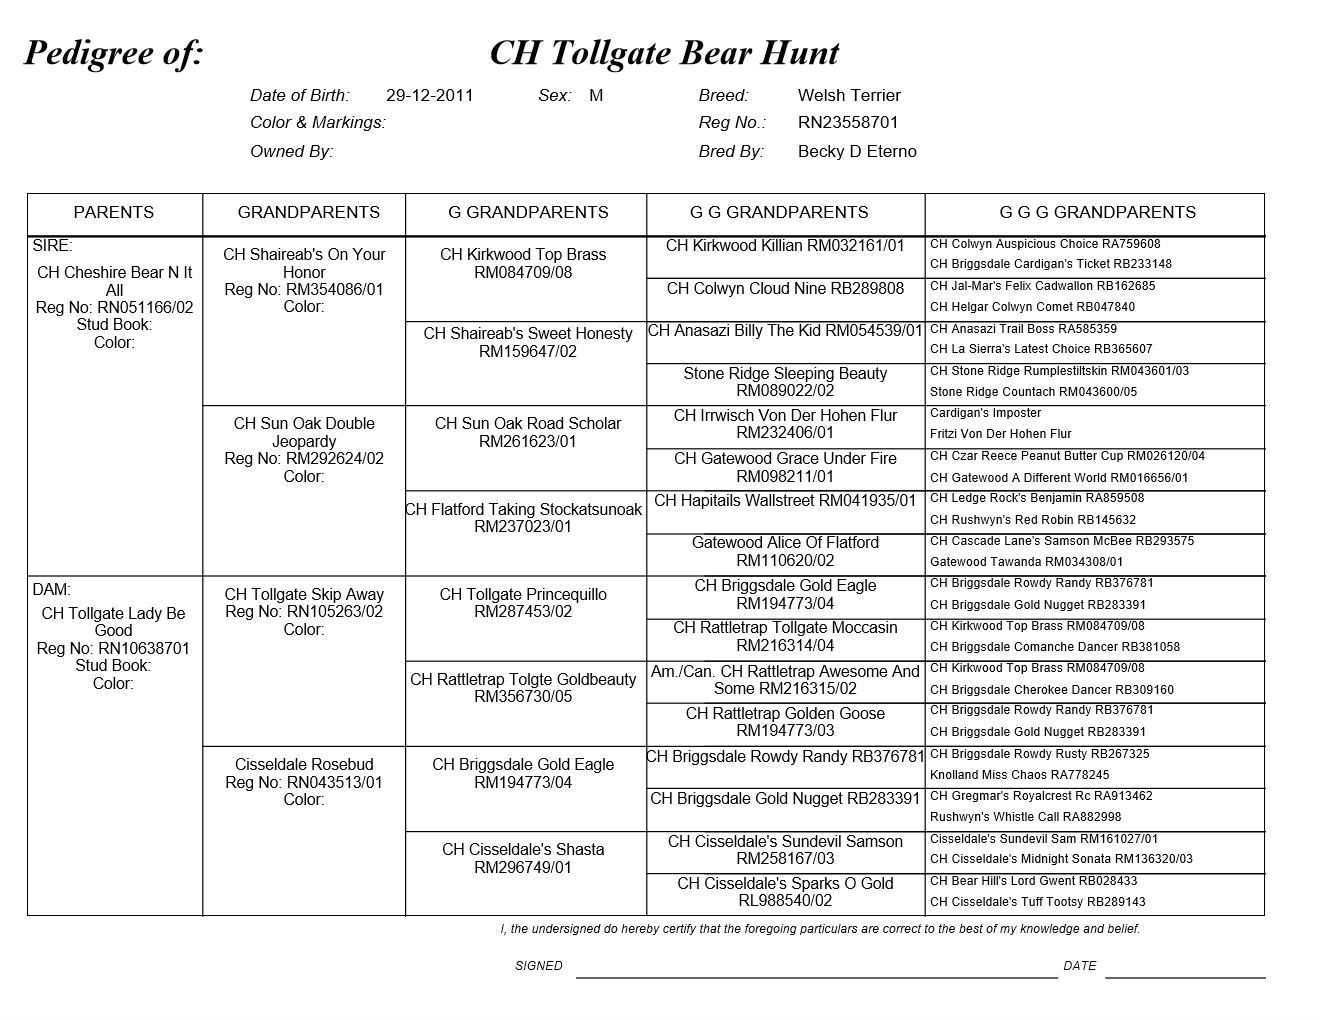 CH Tollgate Bear Hunt's Pedigree